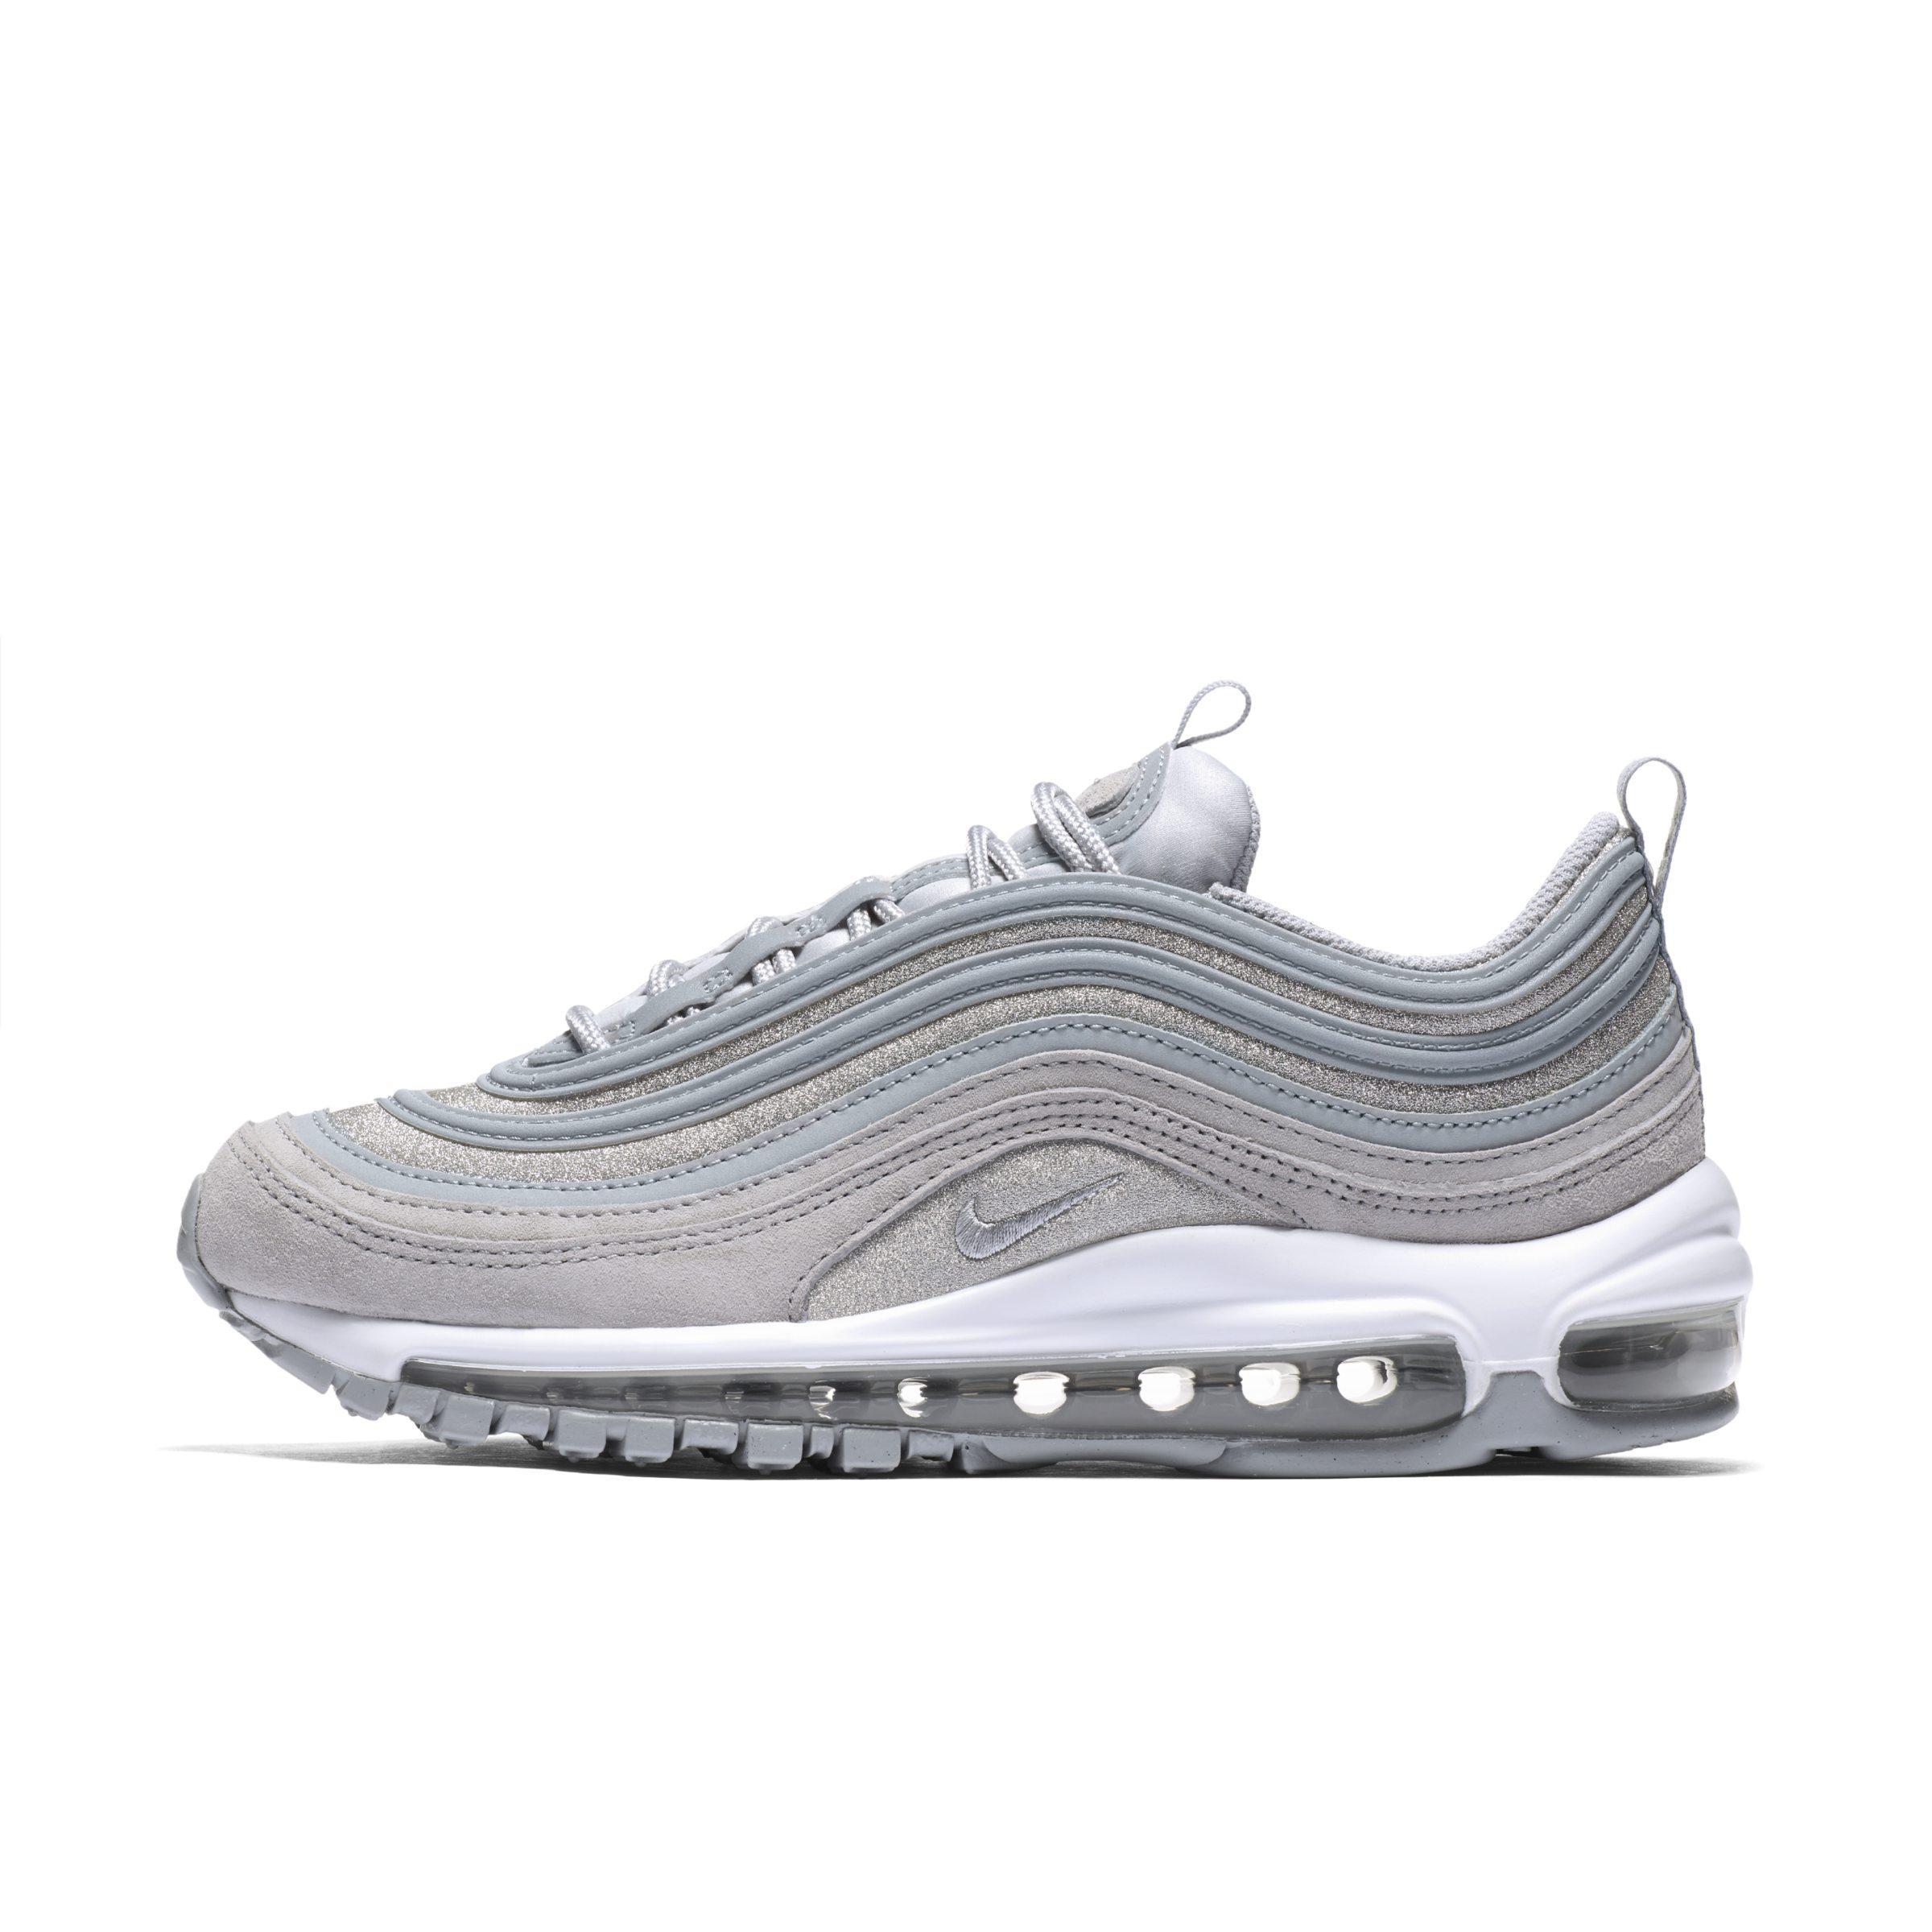 196d32916b38 Nike Air Max 97 Glitter Shoe in Gray - Lyst